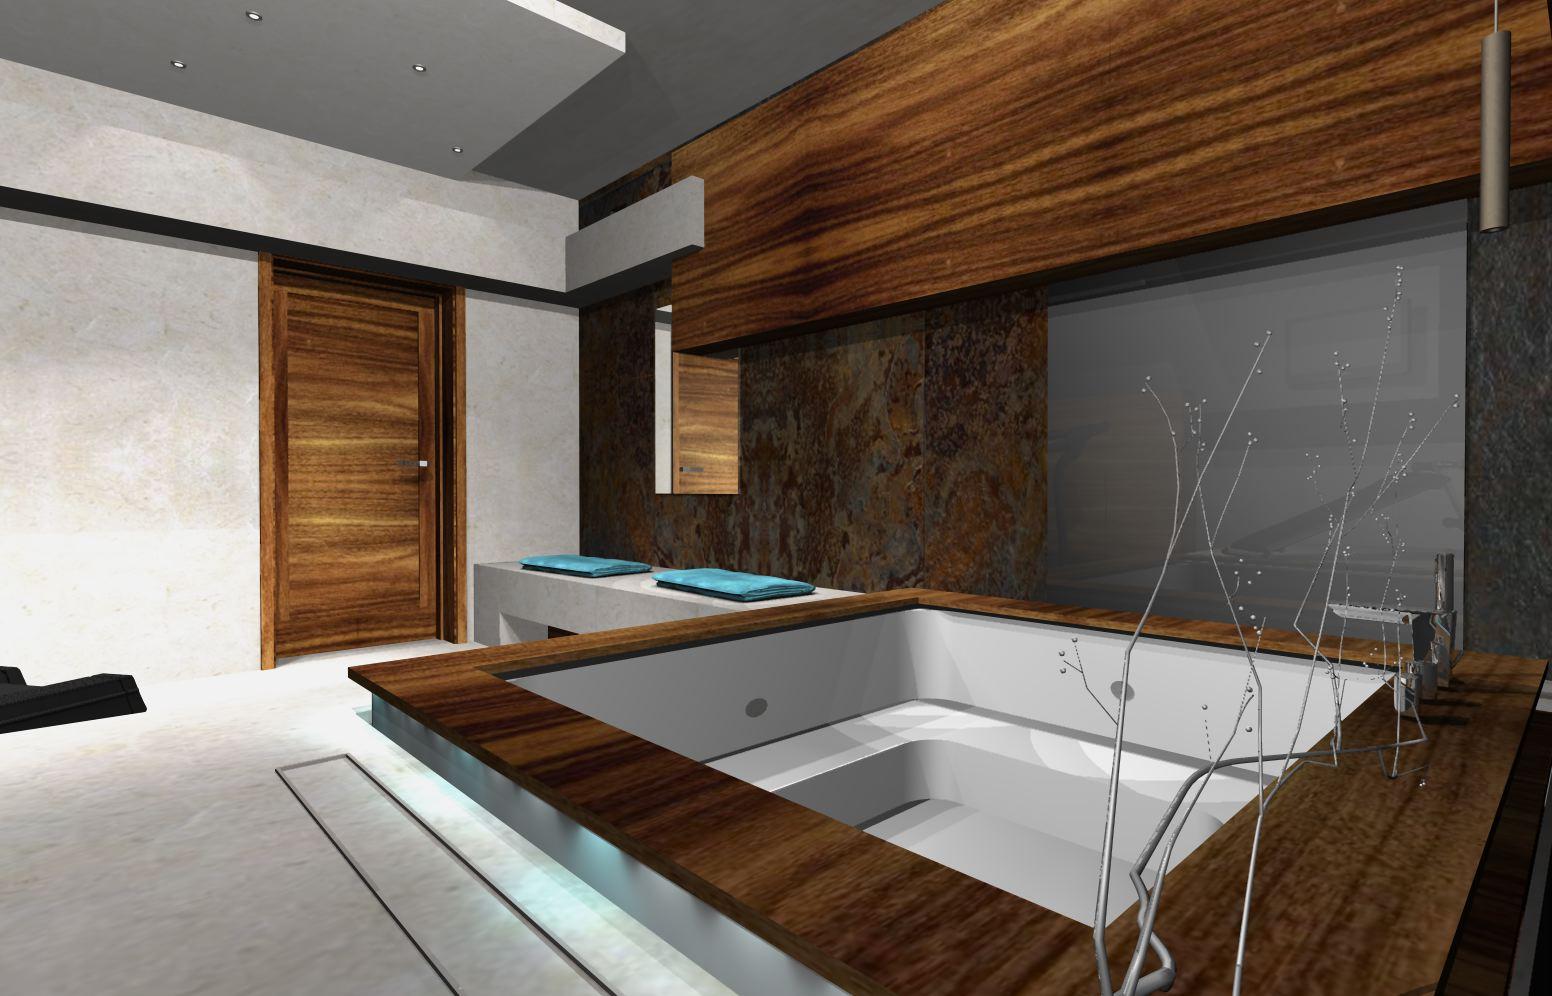 Projekty łazienek Aranżacje Galeria